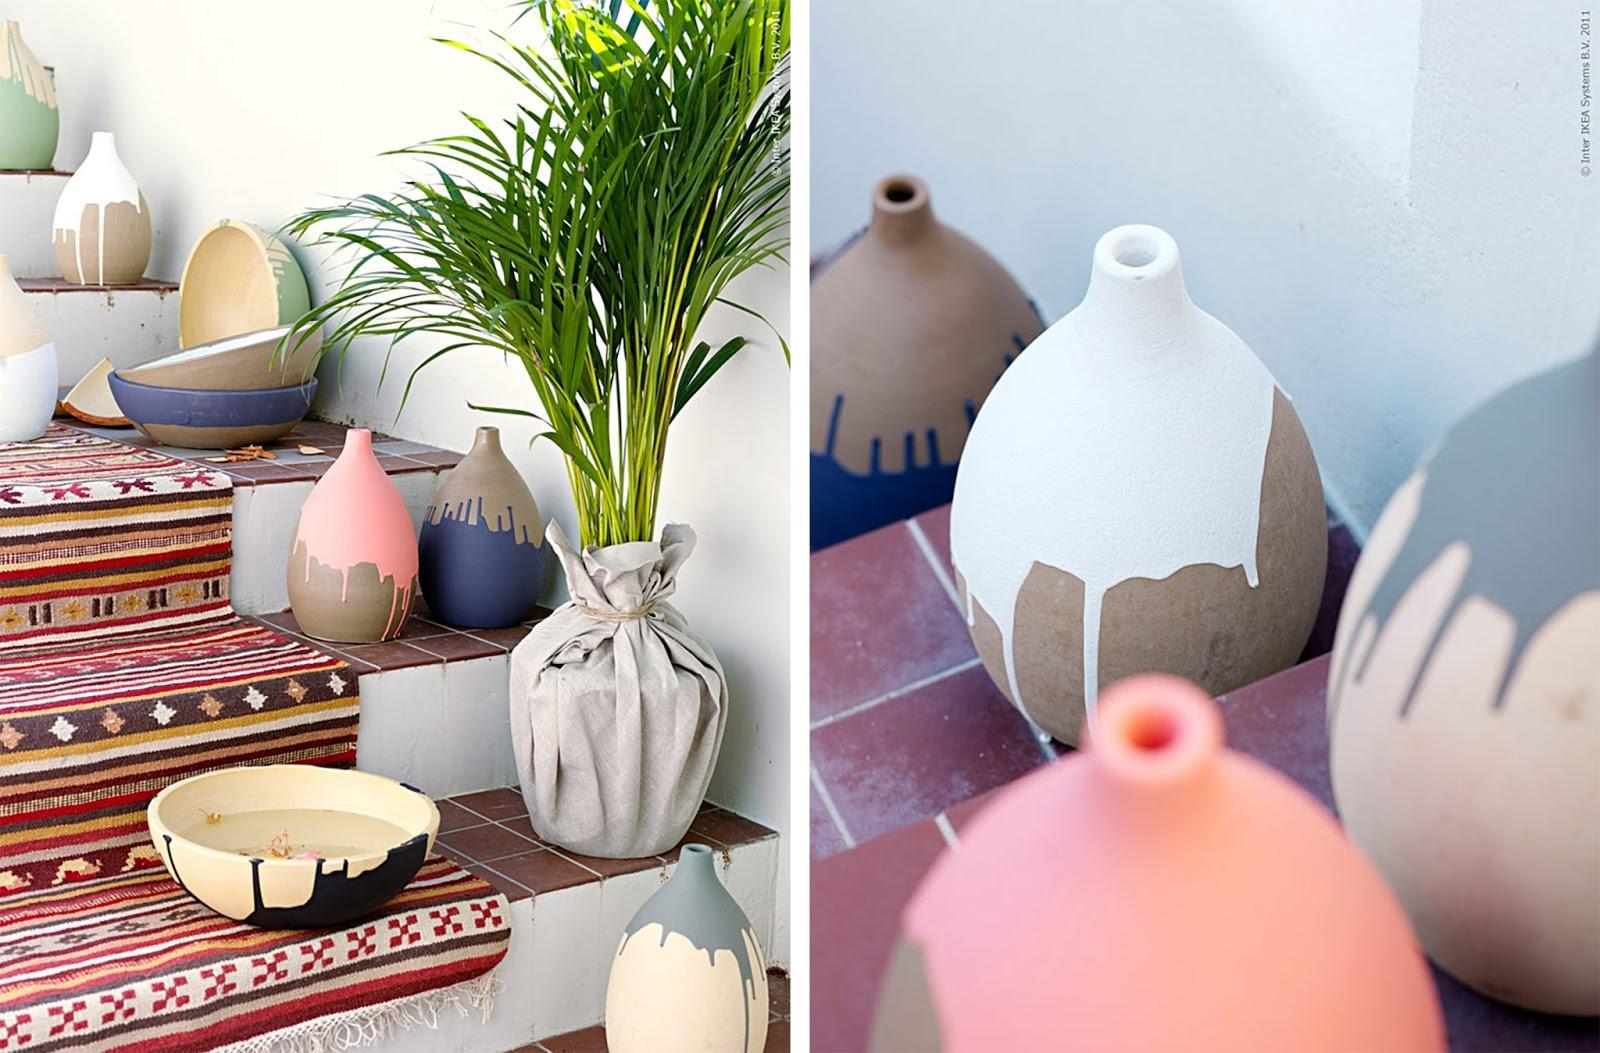 Lampada In Cemento Fai Da Te : Vasi creativi per fiori e piante idee fai da te e riciclo arc